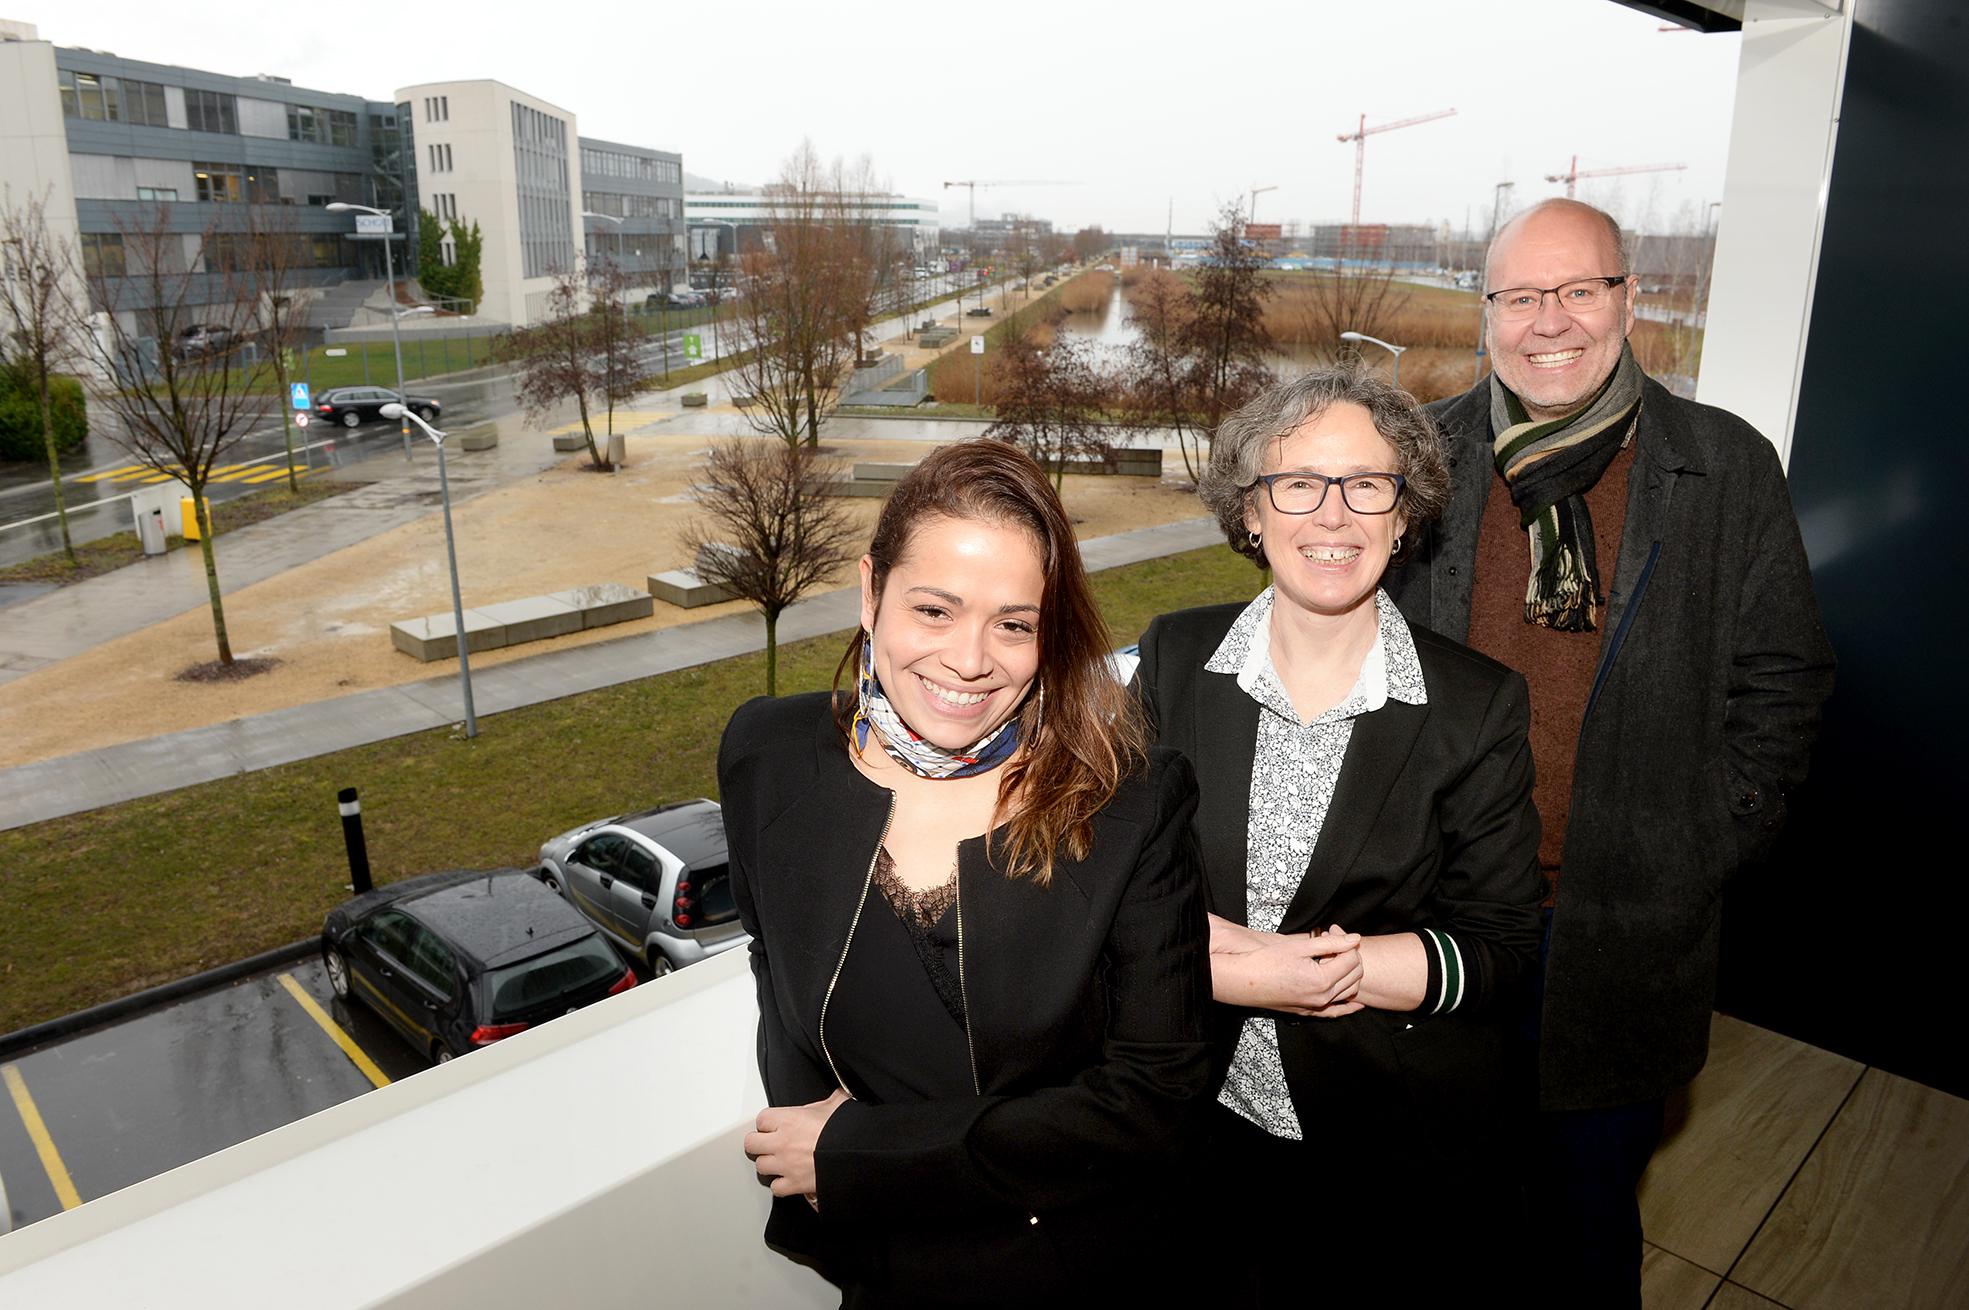 Yverdon, 1er février 2019. Y-PARC, de g à dr: Juliana Pantet, Martha Liley, Markus Bärtschi. © Michel Duperrex